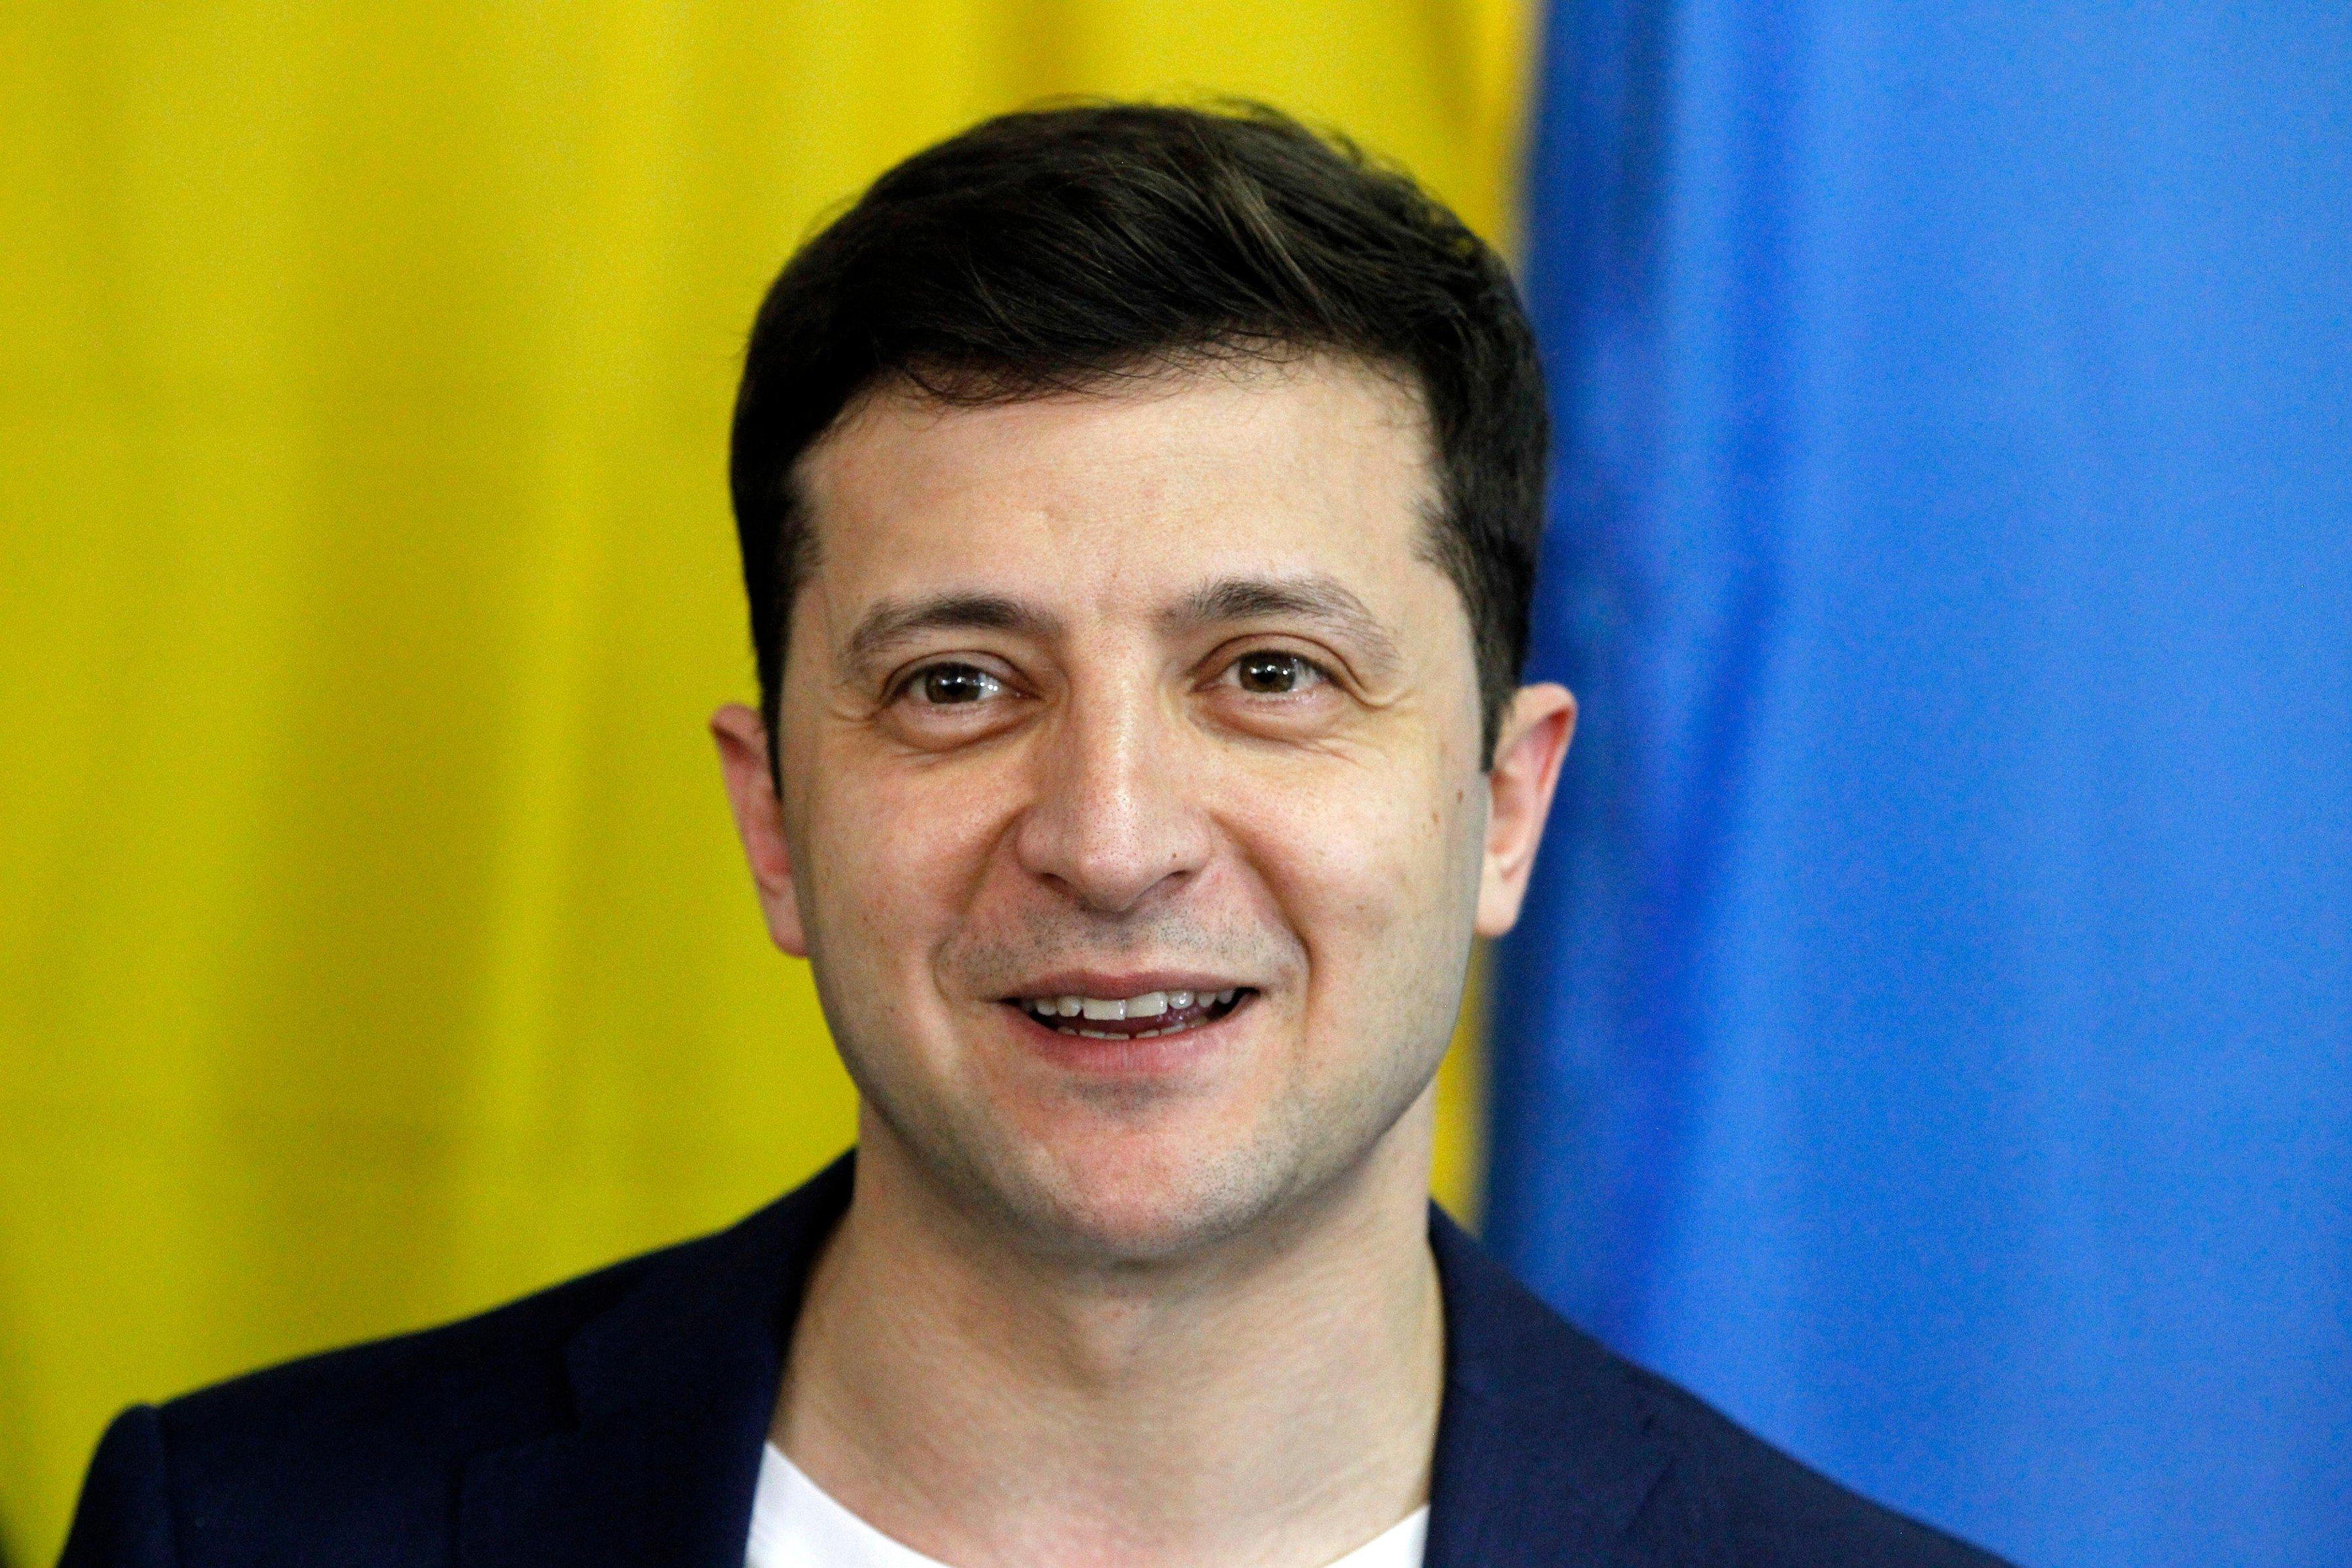 Prezidentské volby na Ukrajině vyhrál herec a komik Volodymyr Zelenskyj